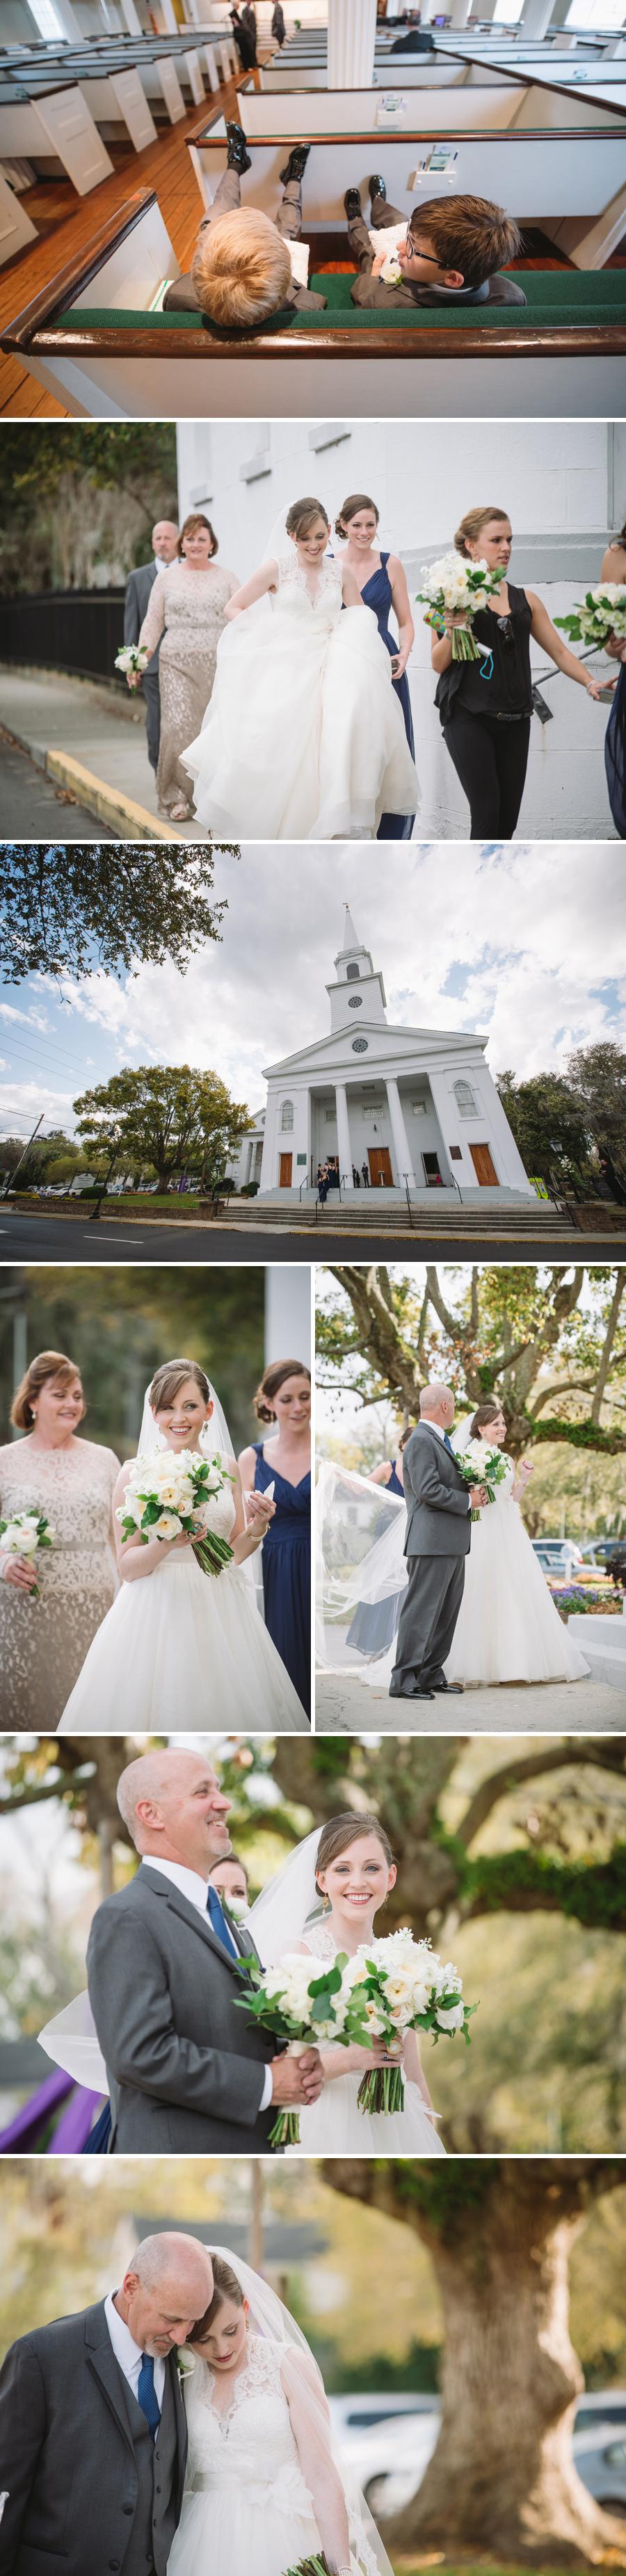 mallory-patrick-beaufort-sc-wedding-rhett-house-inn.jpg